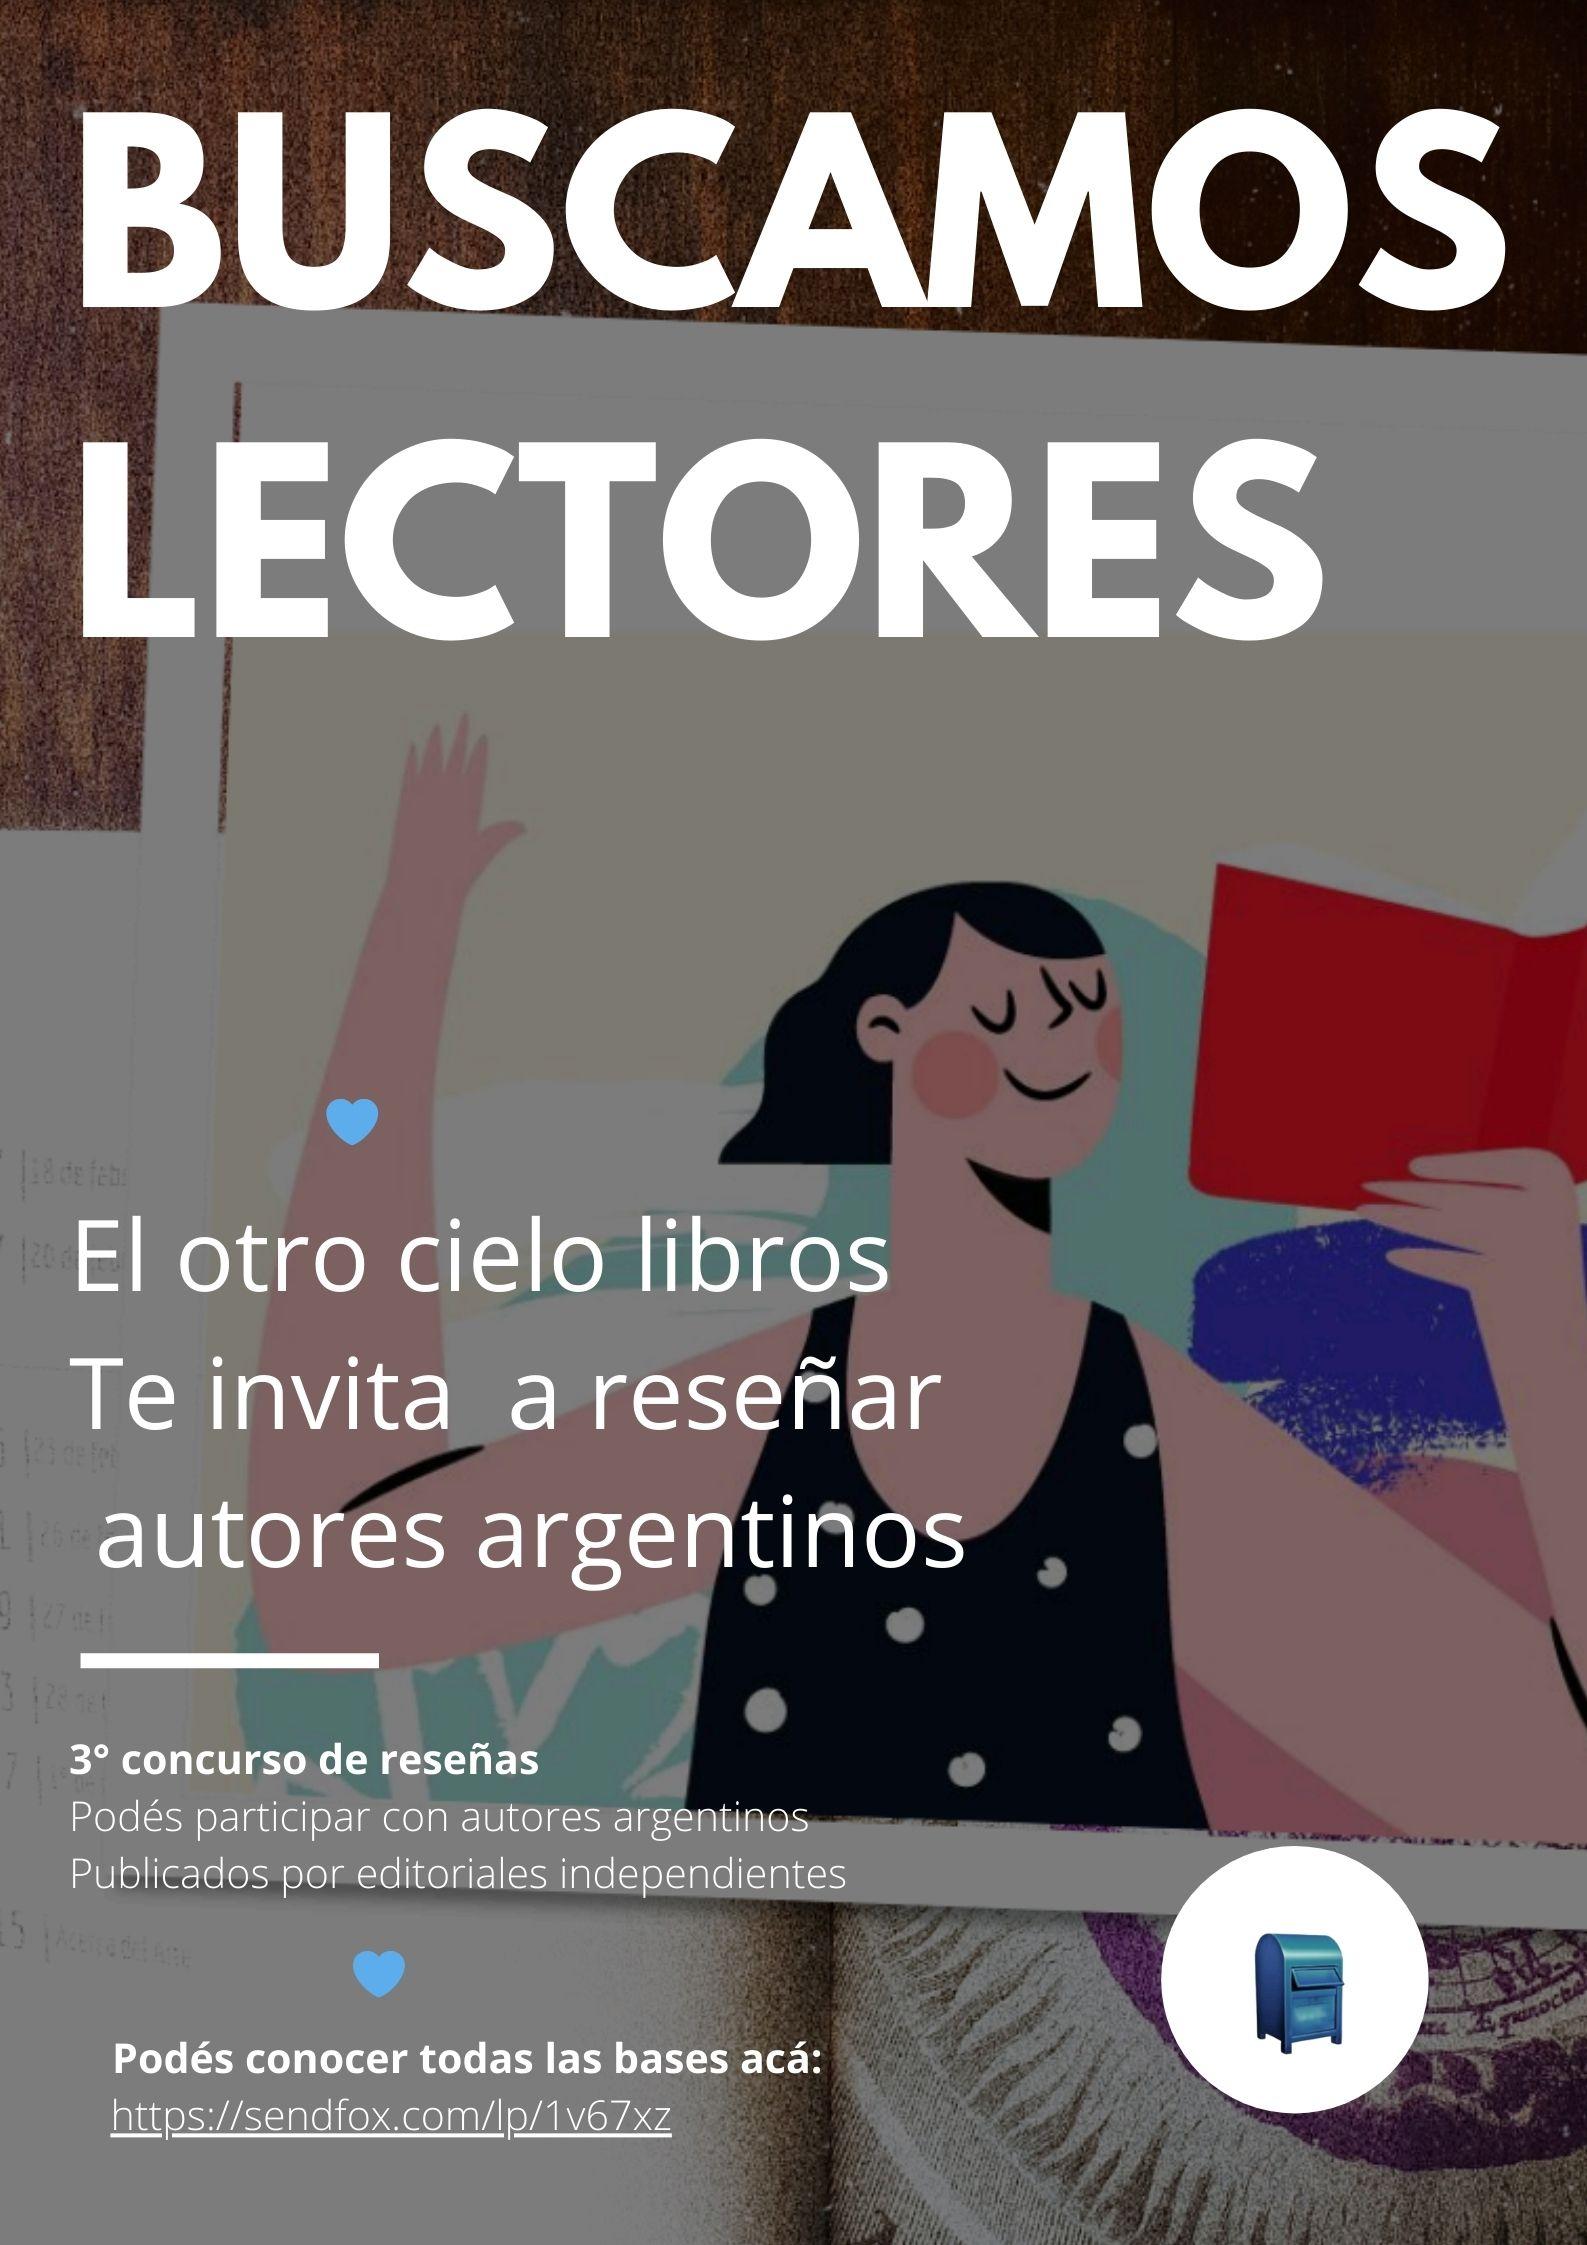 buscamos lectores - Pablo González